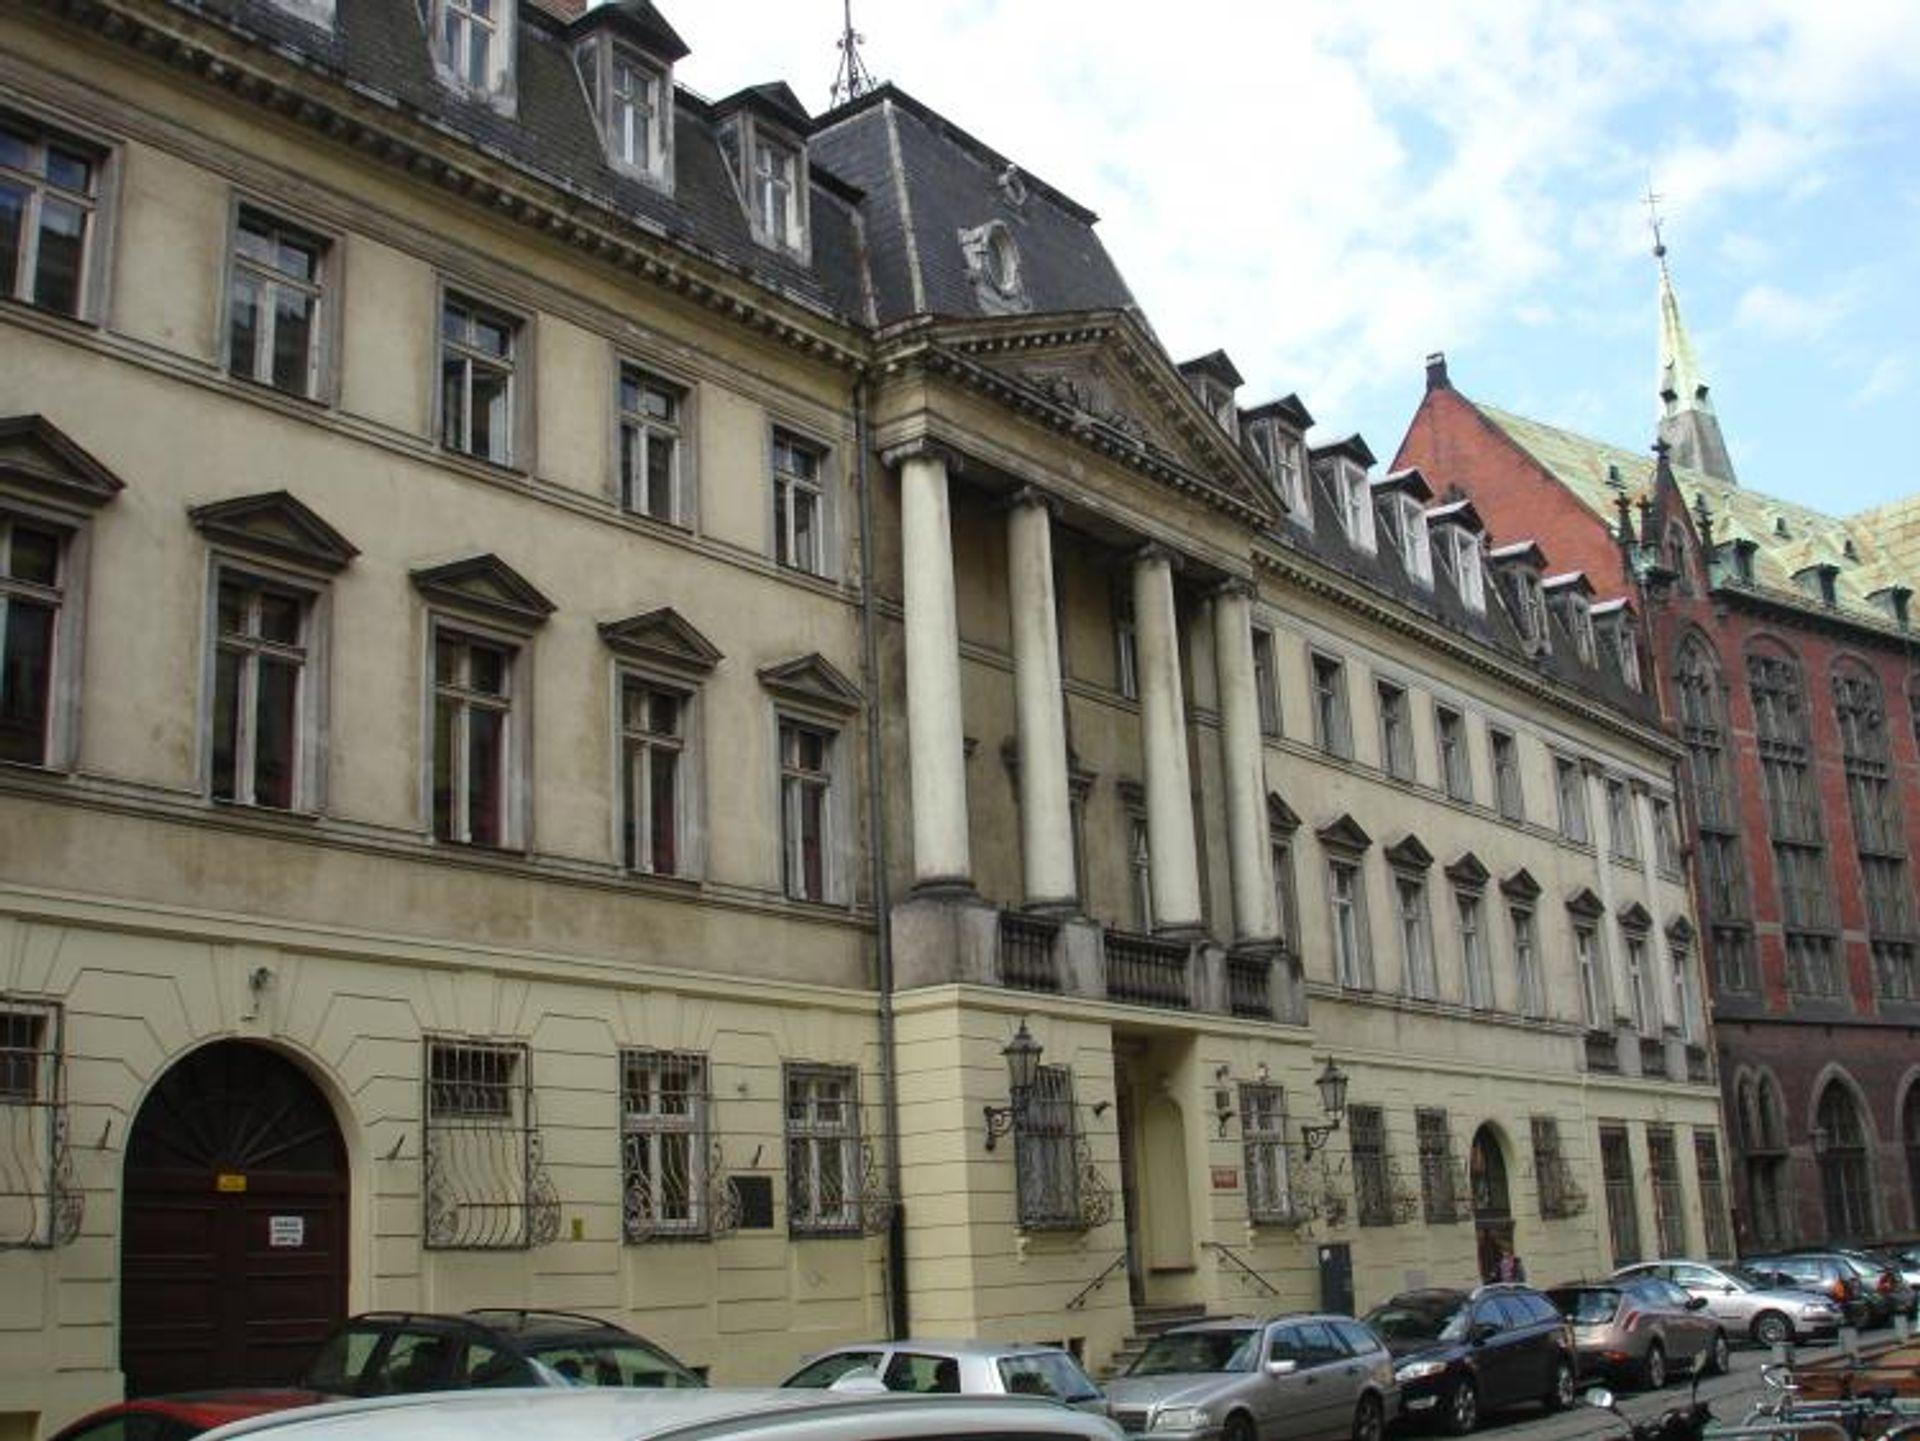 [Wrocław] Pałac przy Szajnochy coraz tańszy. Czy w końcu znajdzie się kupiec?